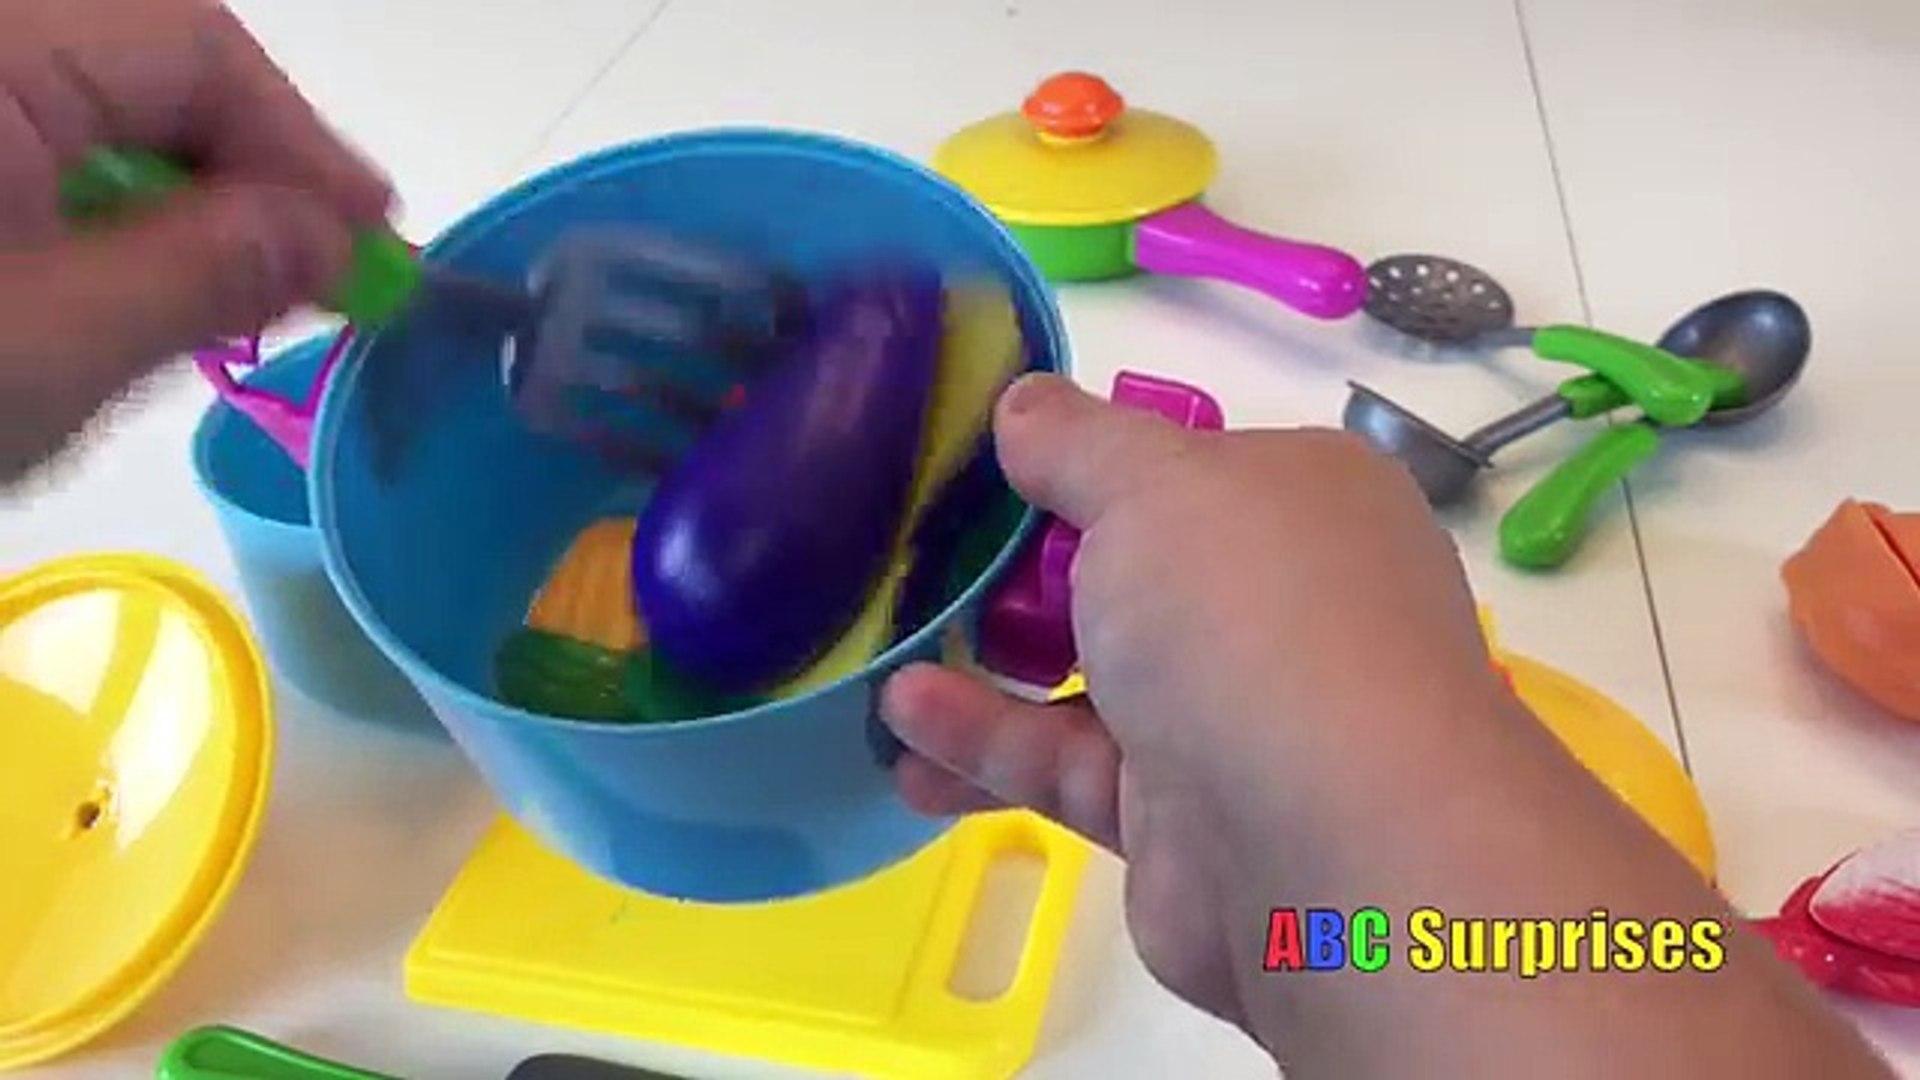 ВЕЛКРО игрушек Foods резки и обучение Имена Фрукты и Овощи Развлечения для детей всех возрастов ABC